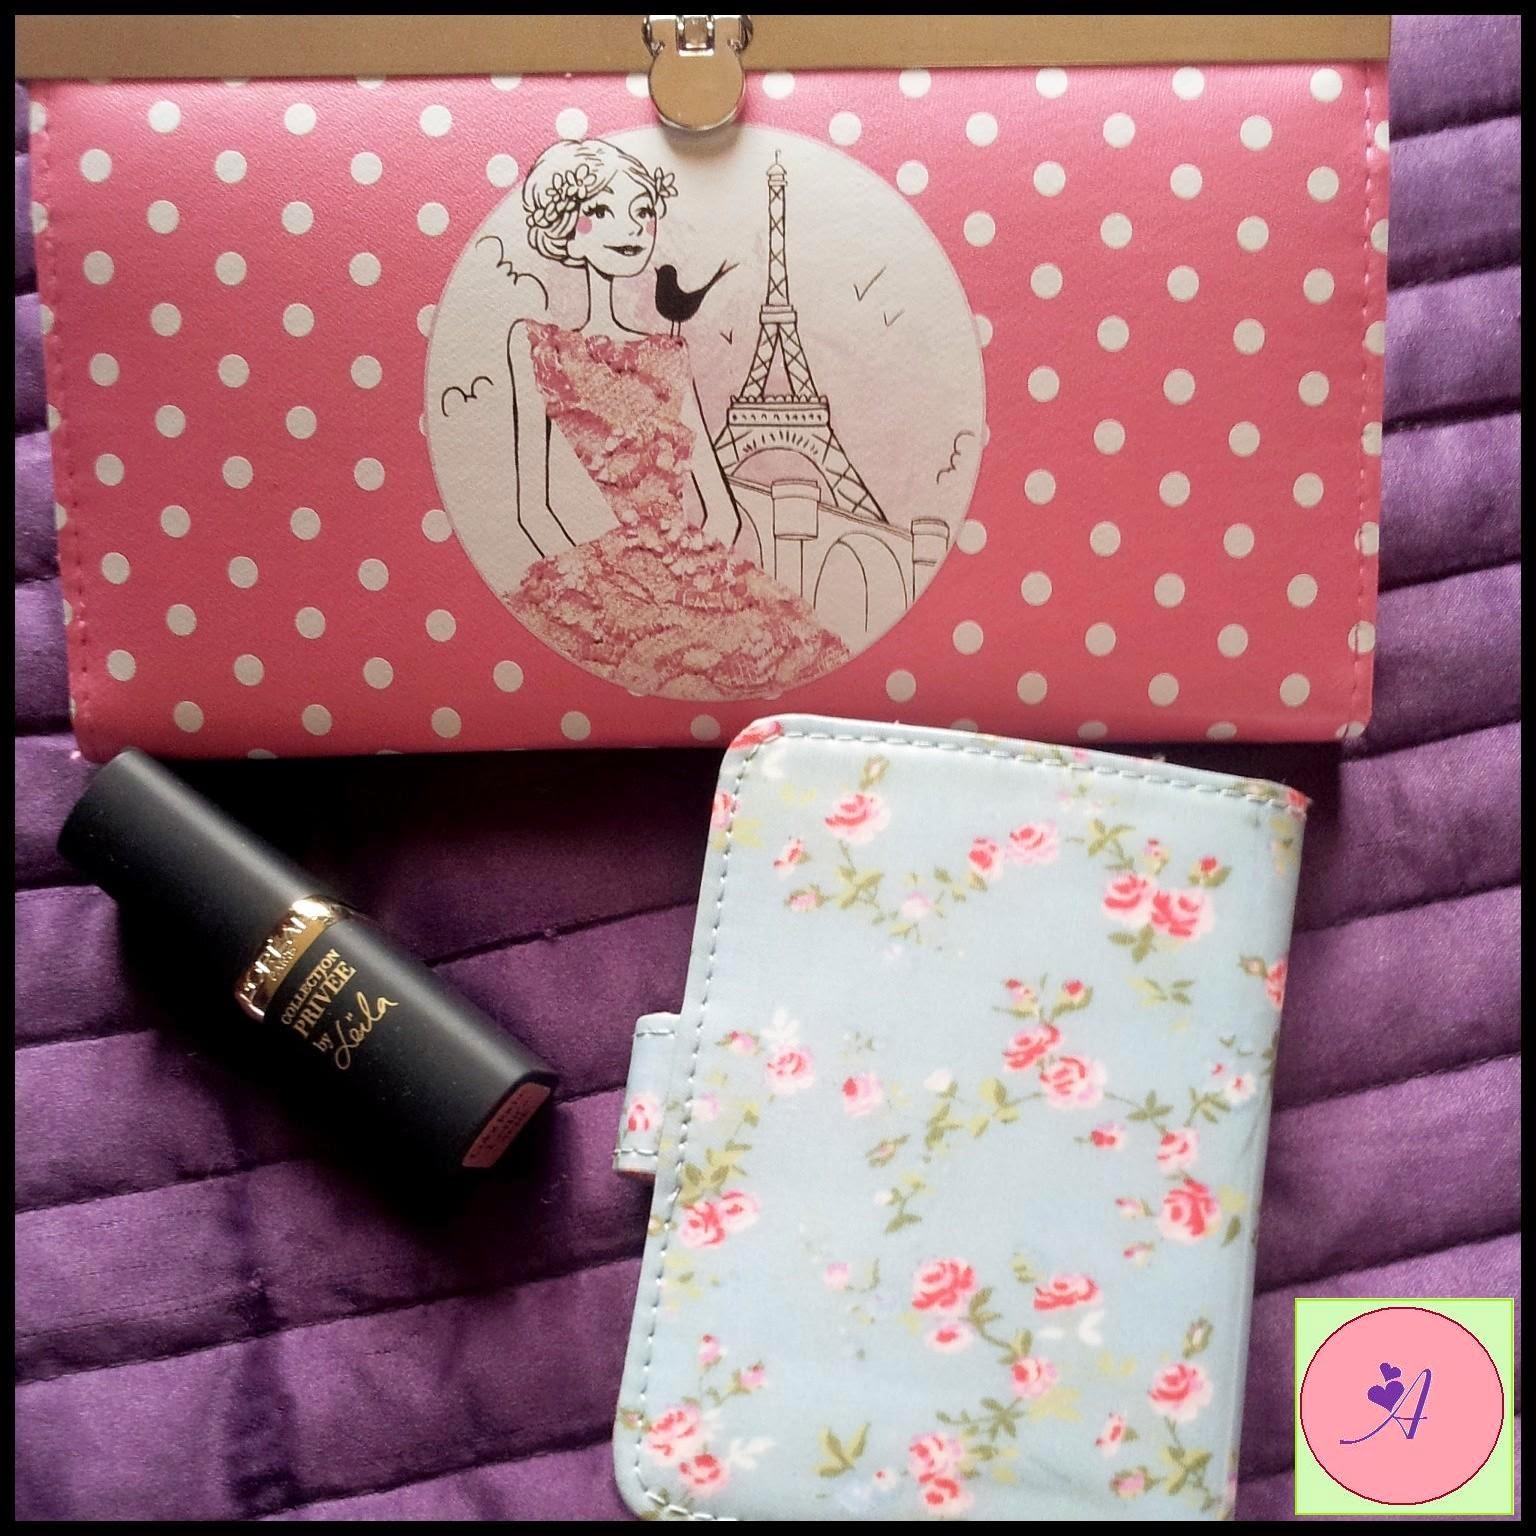 porte carte maison du monde portefeuille la chaise longue rouge à lèvres l'oréal parisienne liberty pois rose